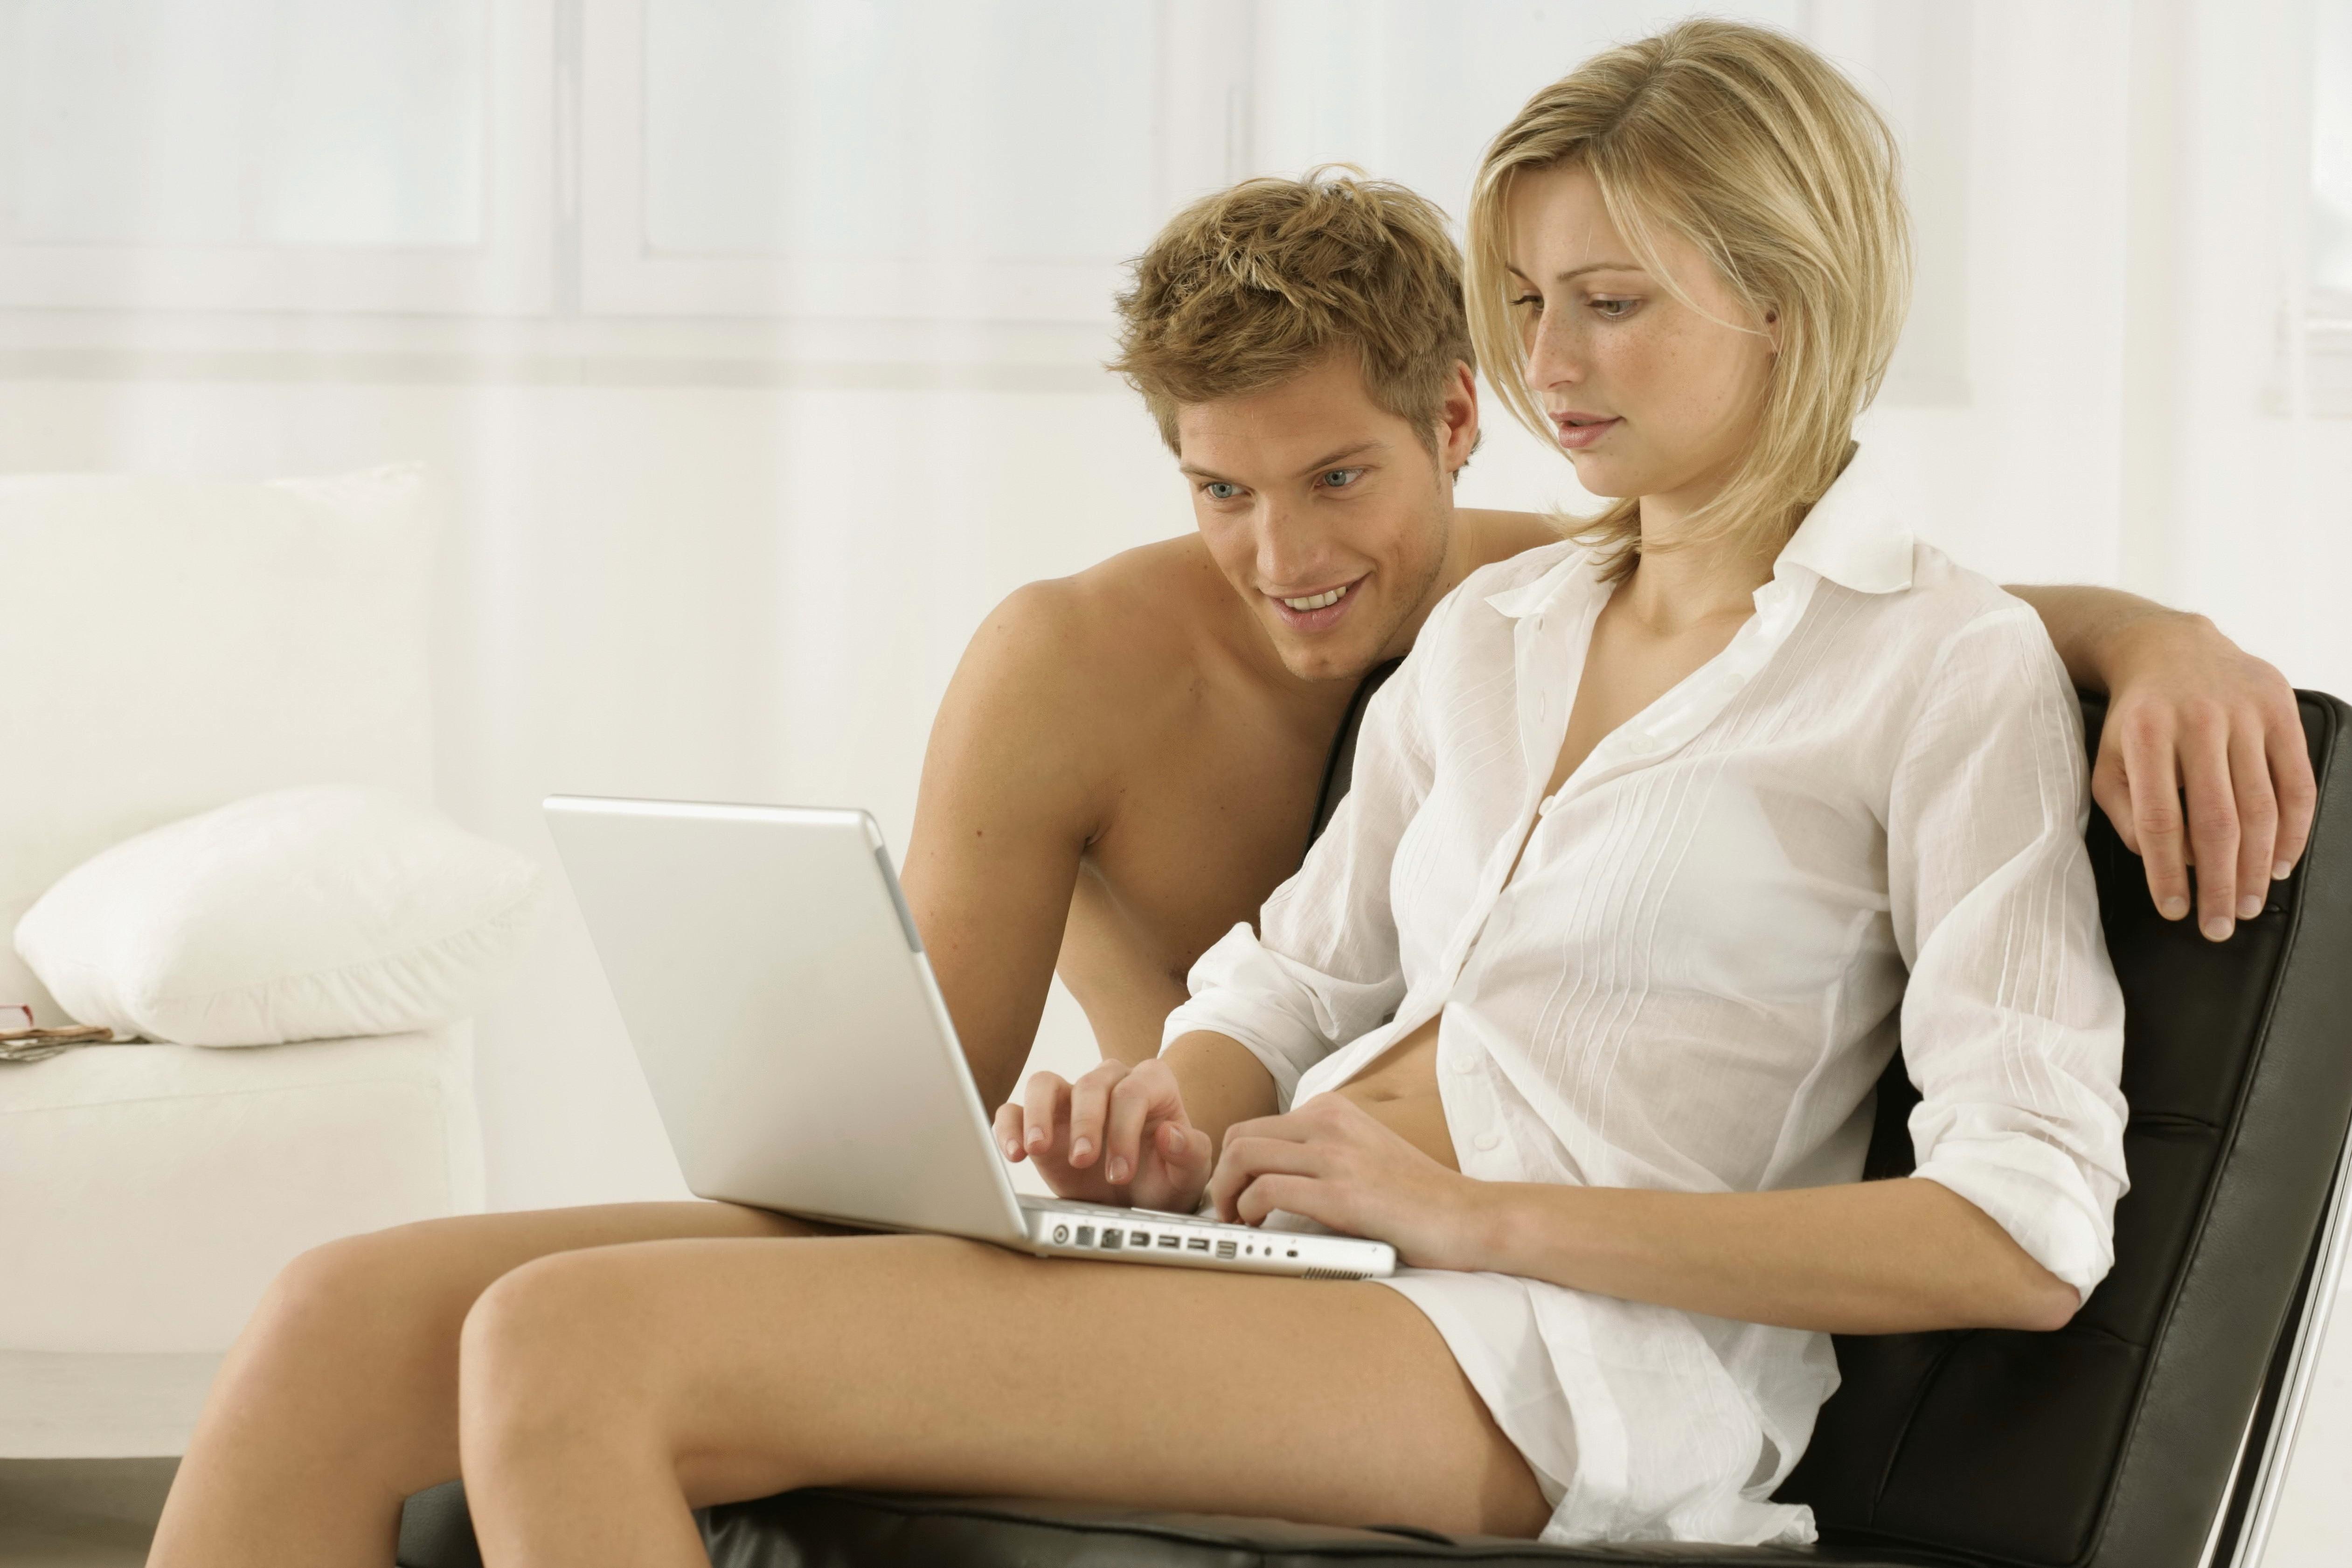 Сайт знакомств красивые и успешные